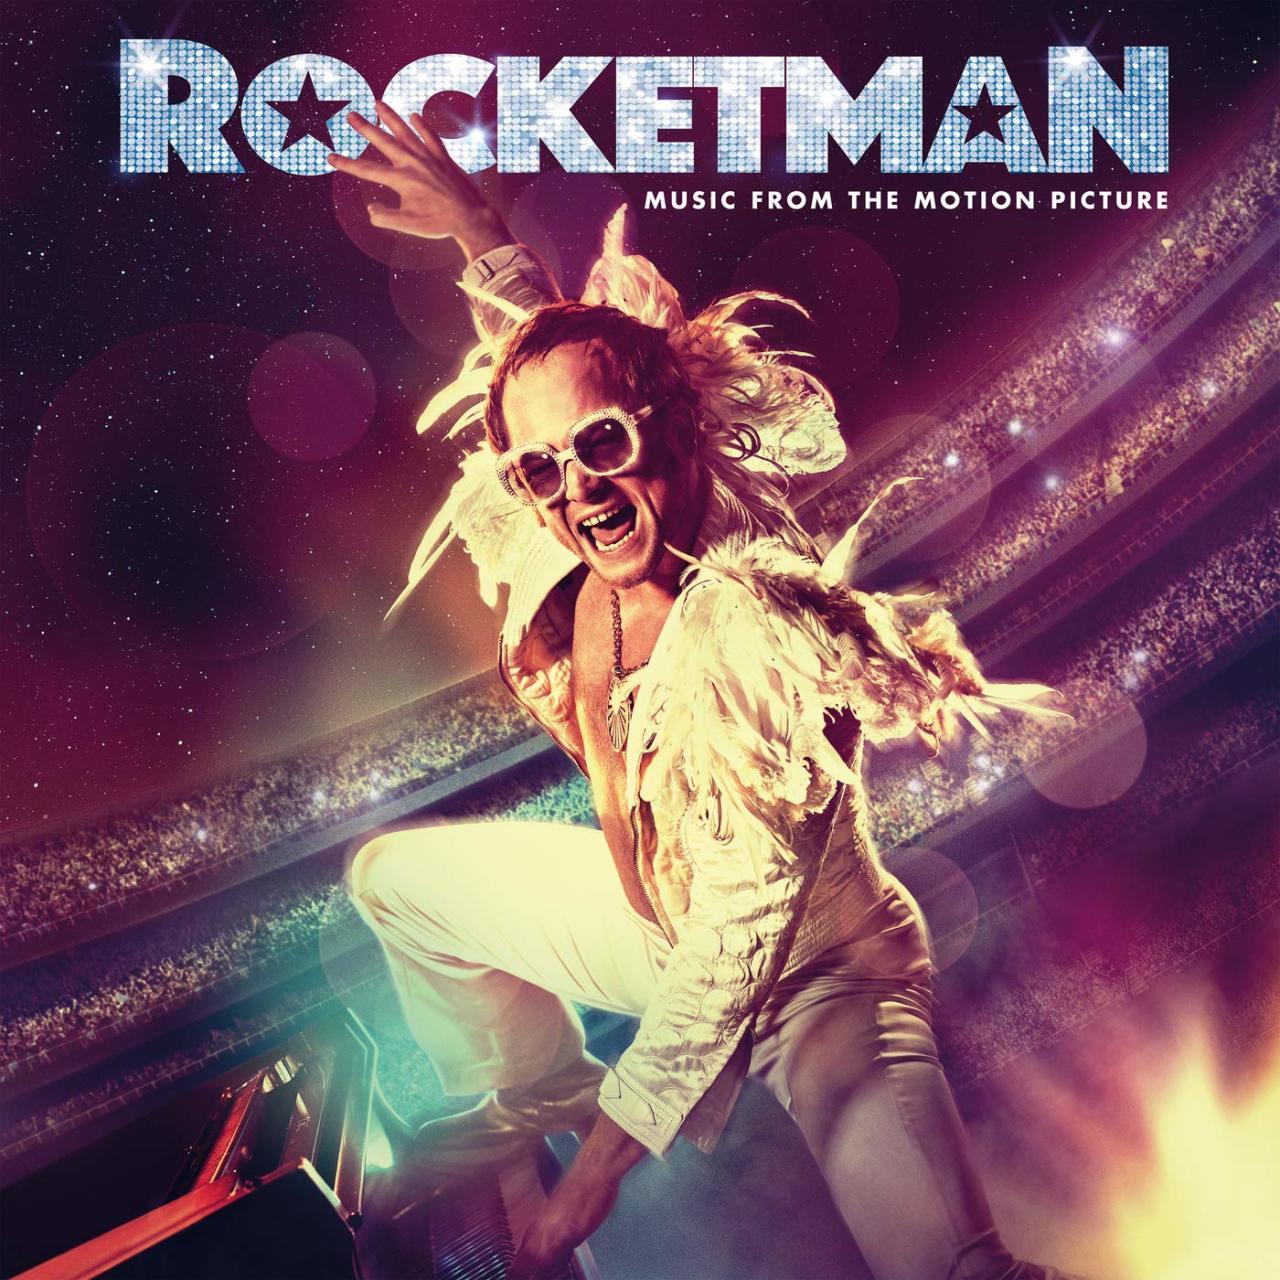 [Resim: rocketman1pjkgk.jpg]